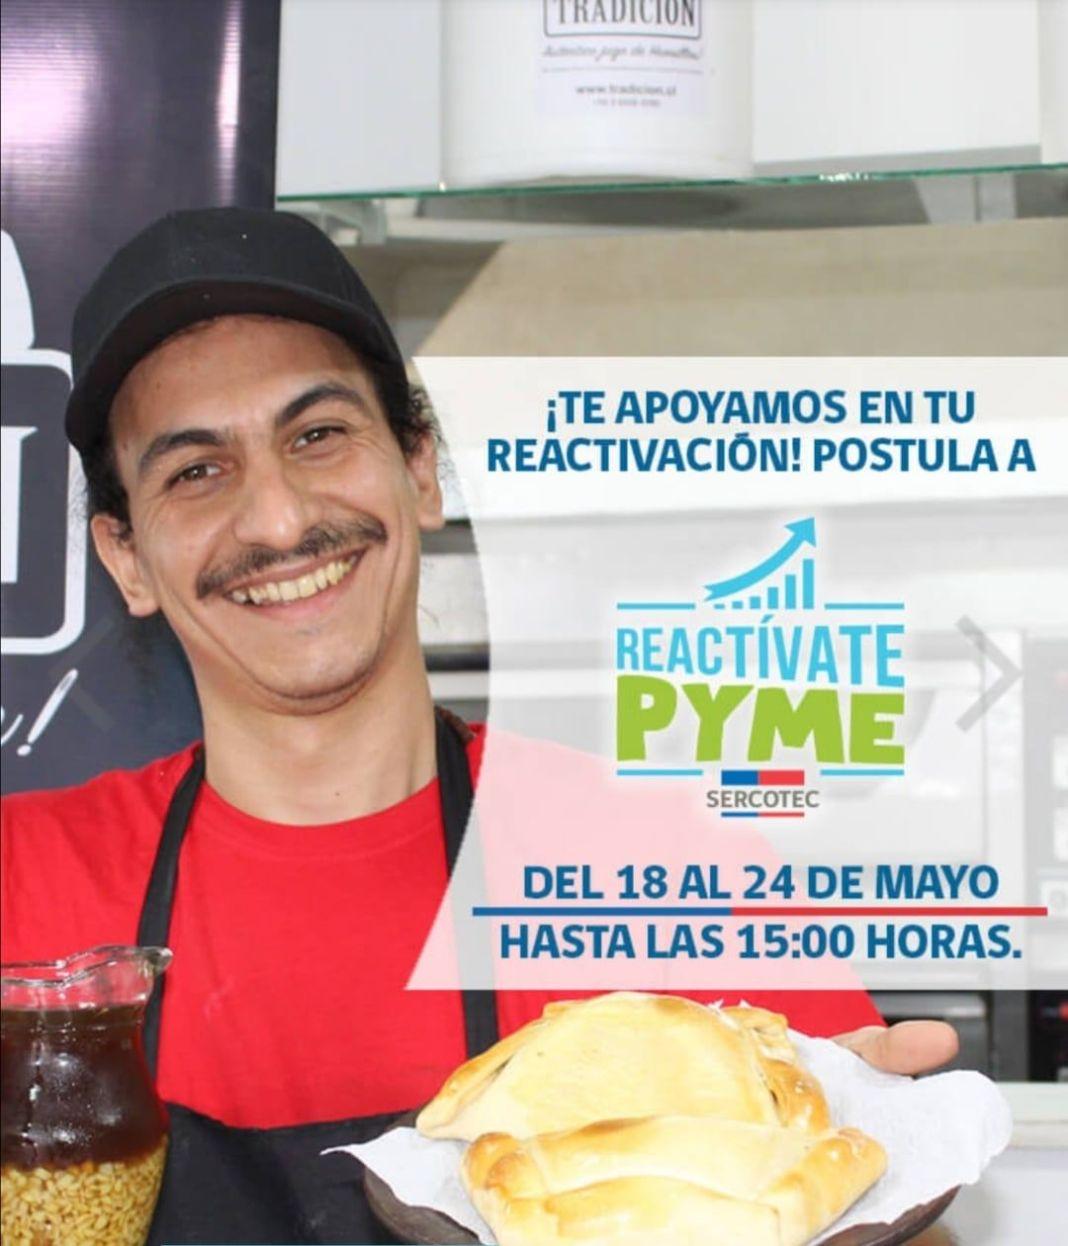 reactívate Pyme